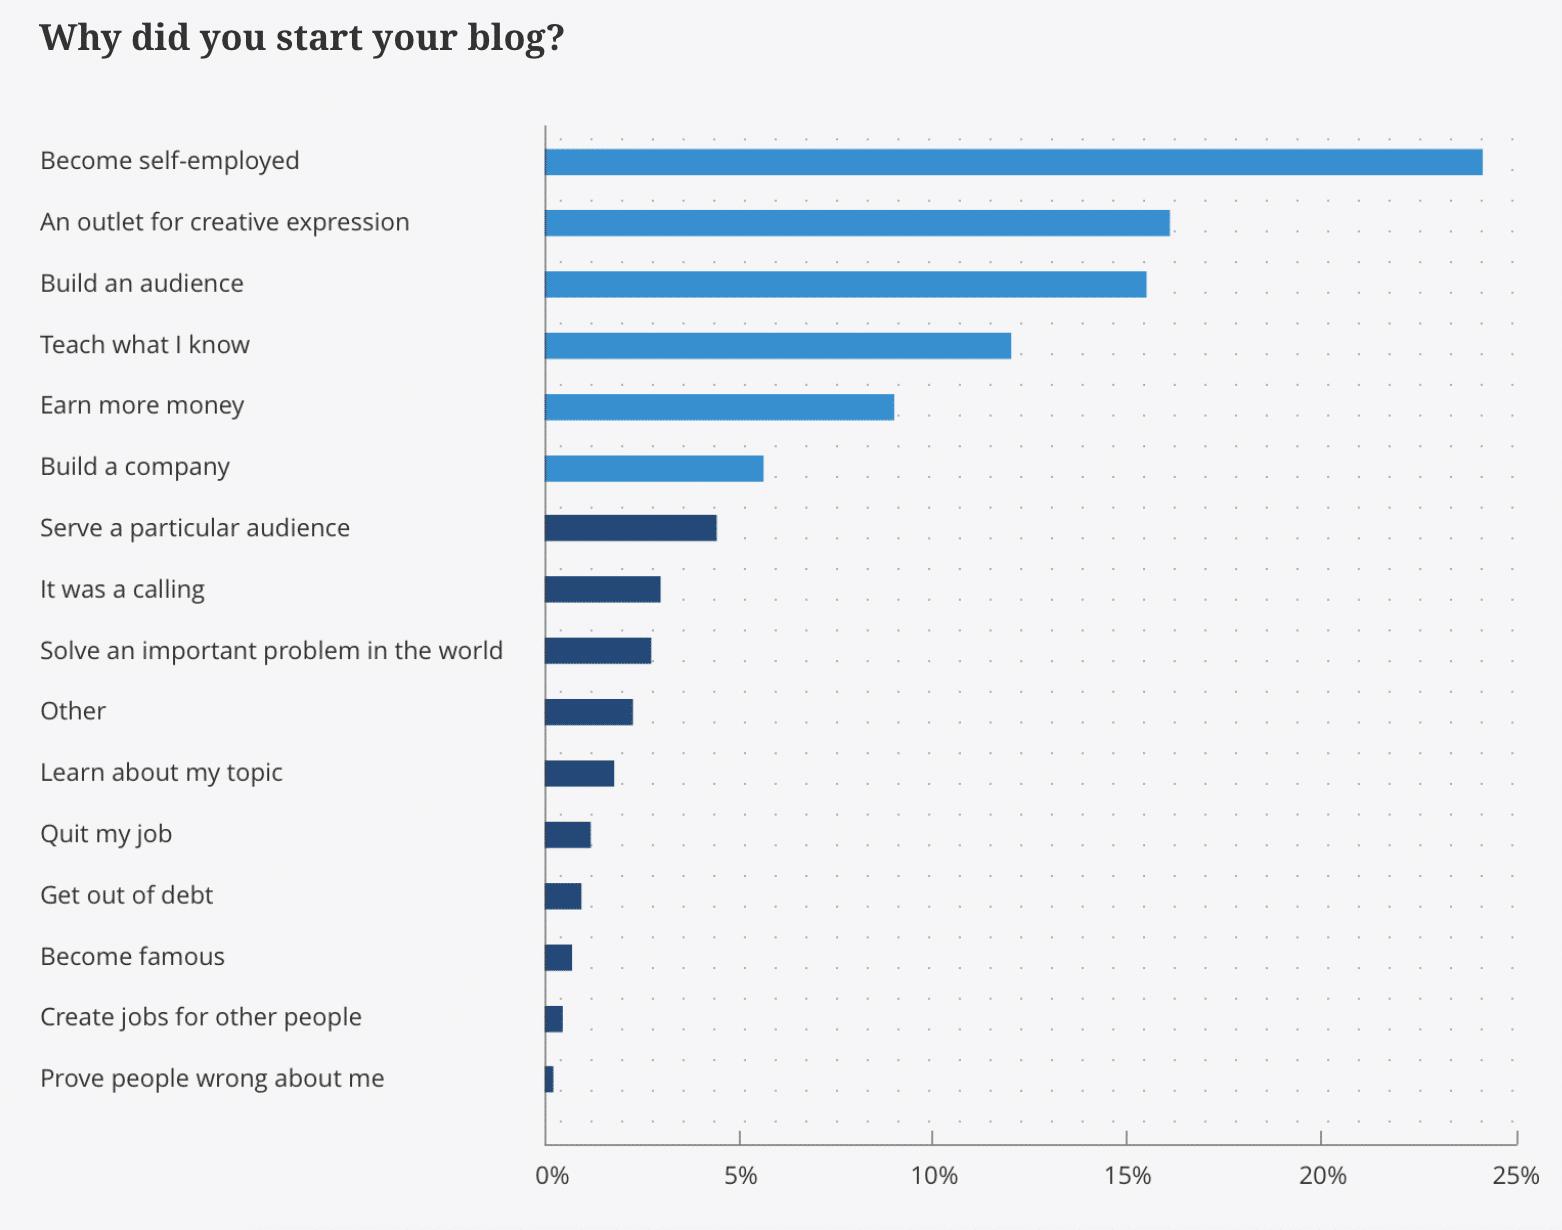 ¿Por qué comenzó su blog?